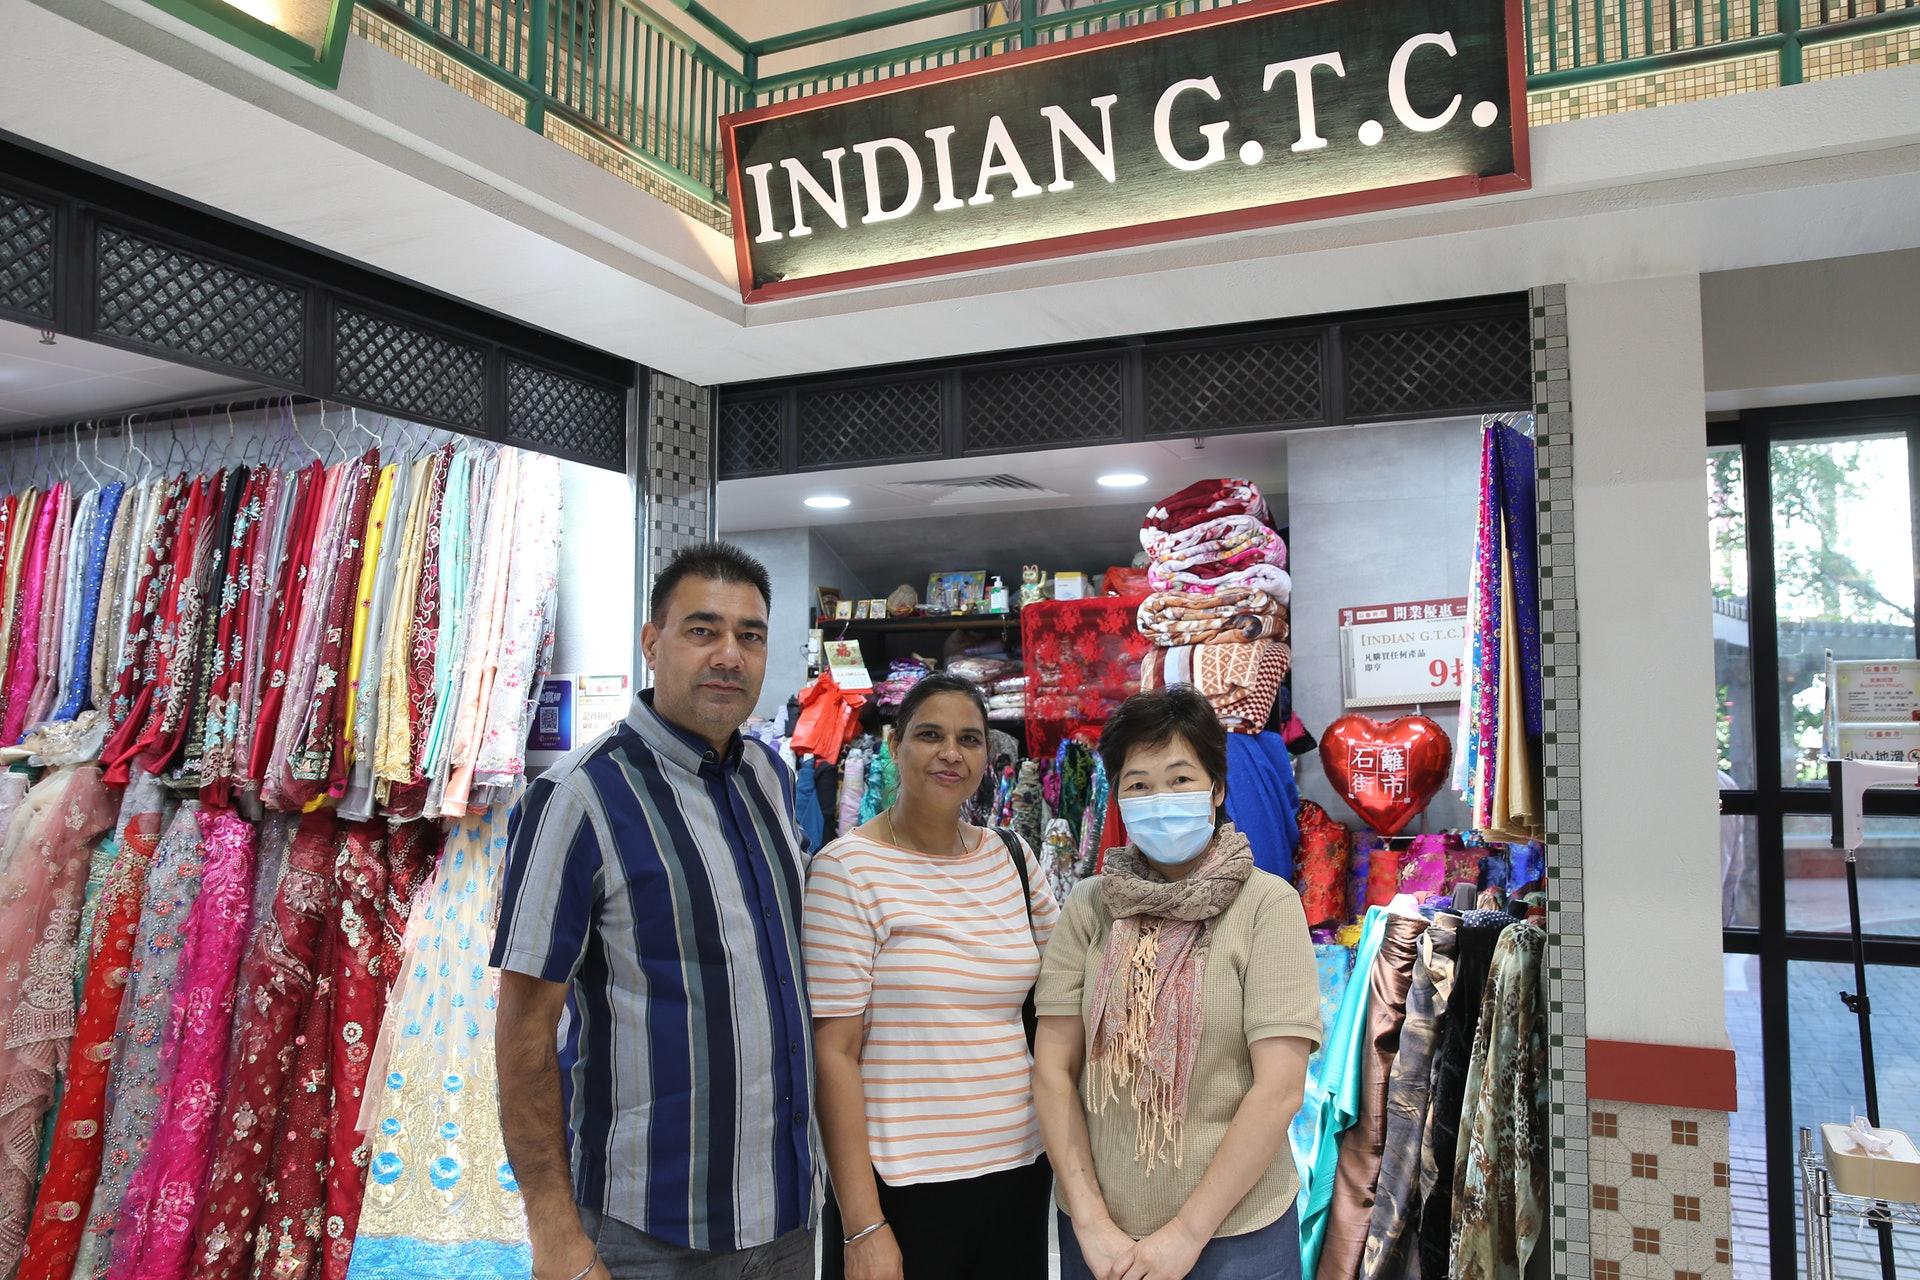 街市內設有印度服飾店。(蔡正邦攝)